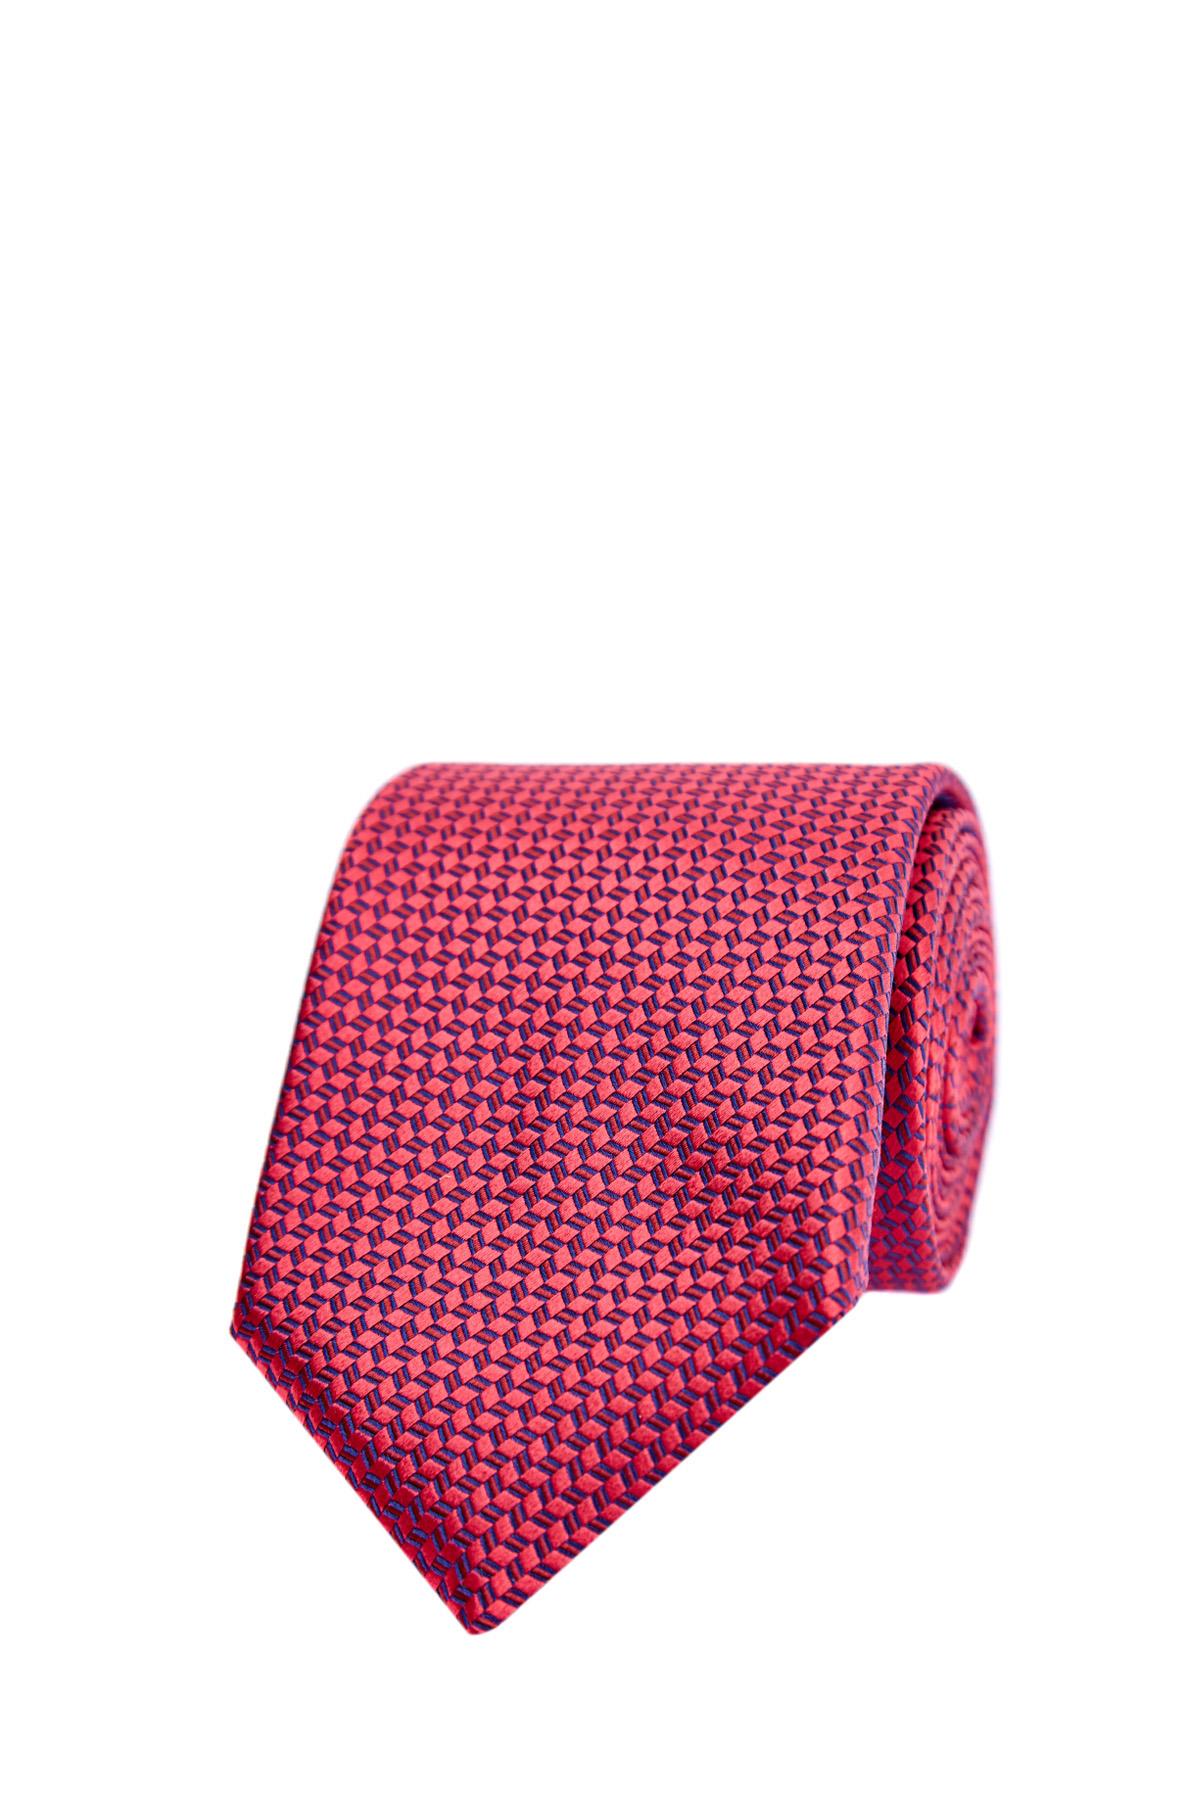 Купить Галстук из плотного шелка с жаккардовым геометрическим узором, CANALI, Италия, шелк 100%